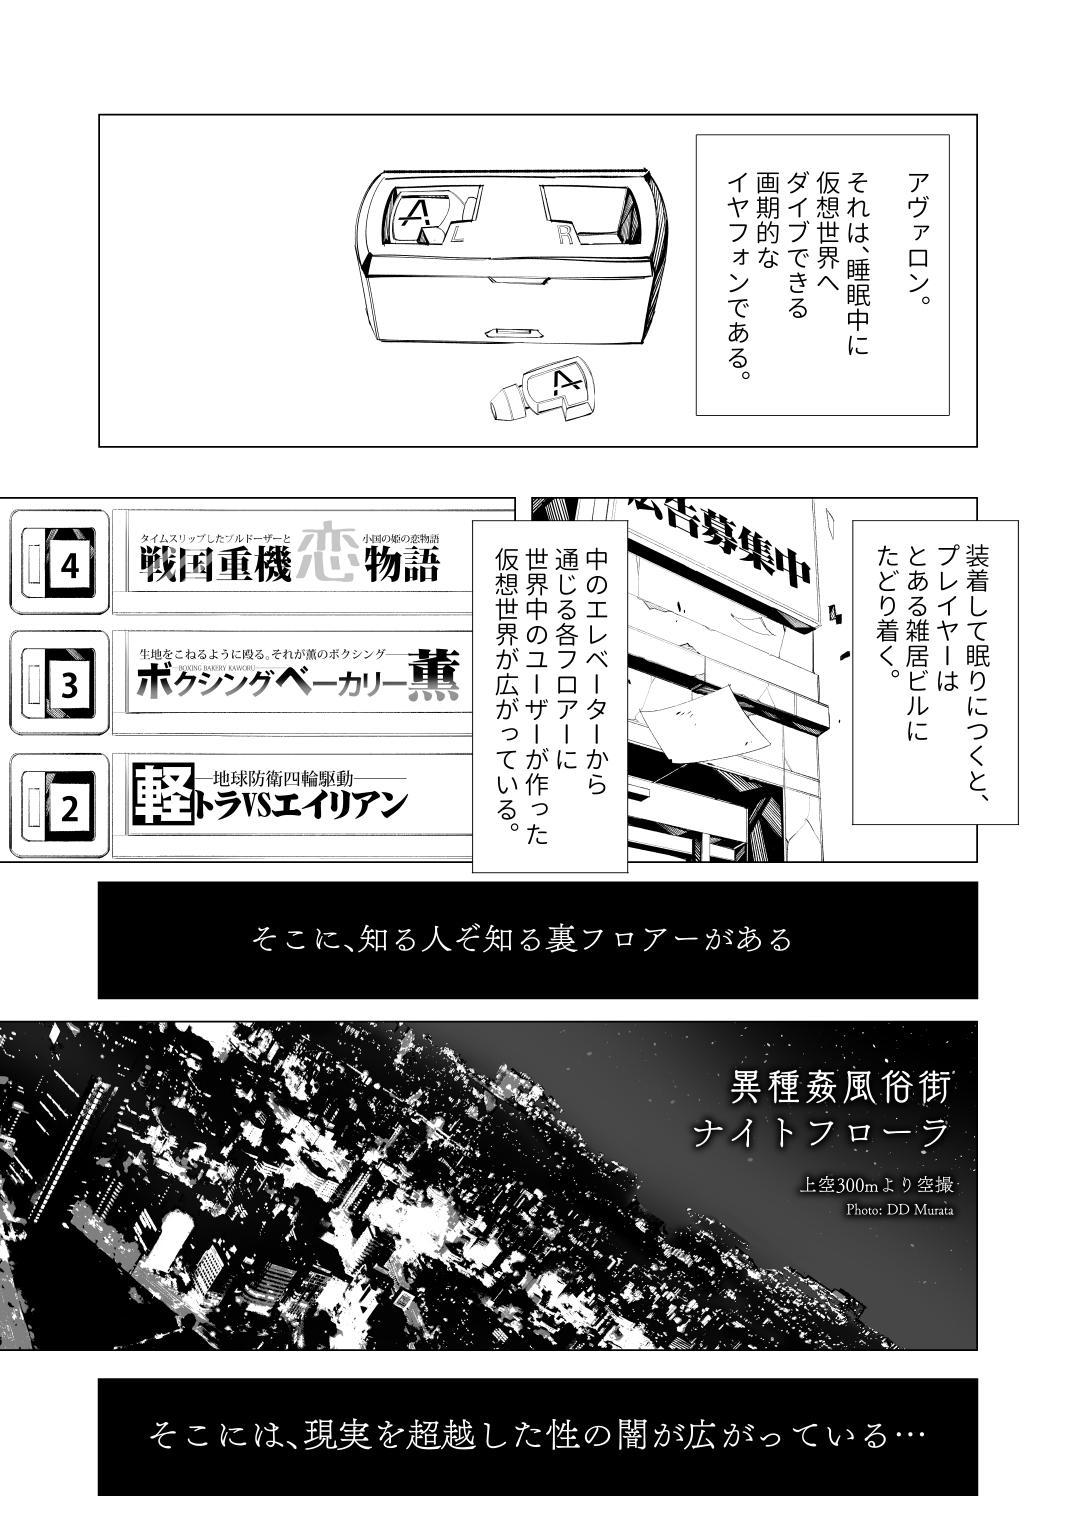 Ishu kan fūzoku-gai3 shokubutsu shokushu × rori 8